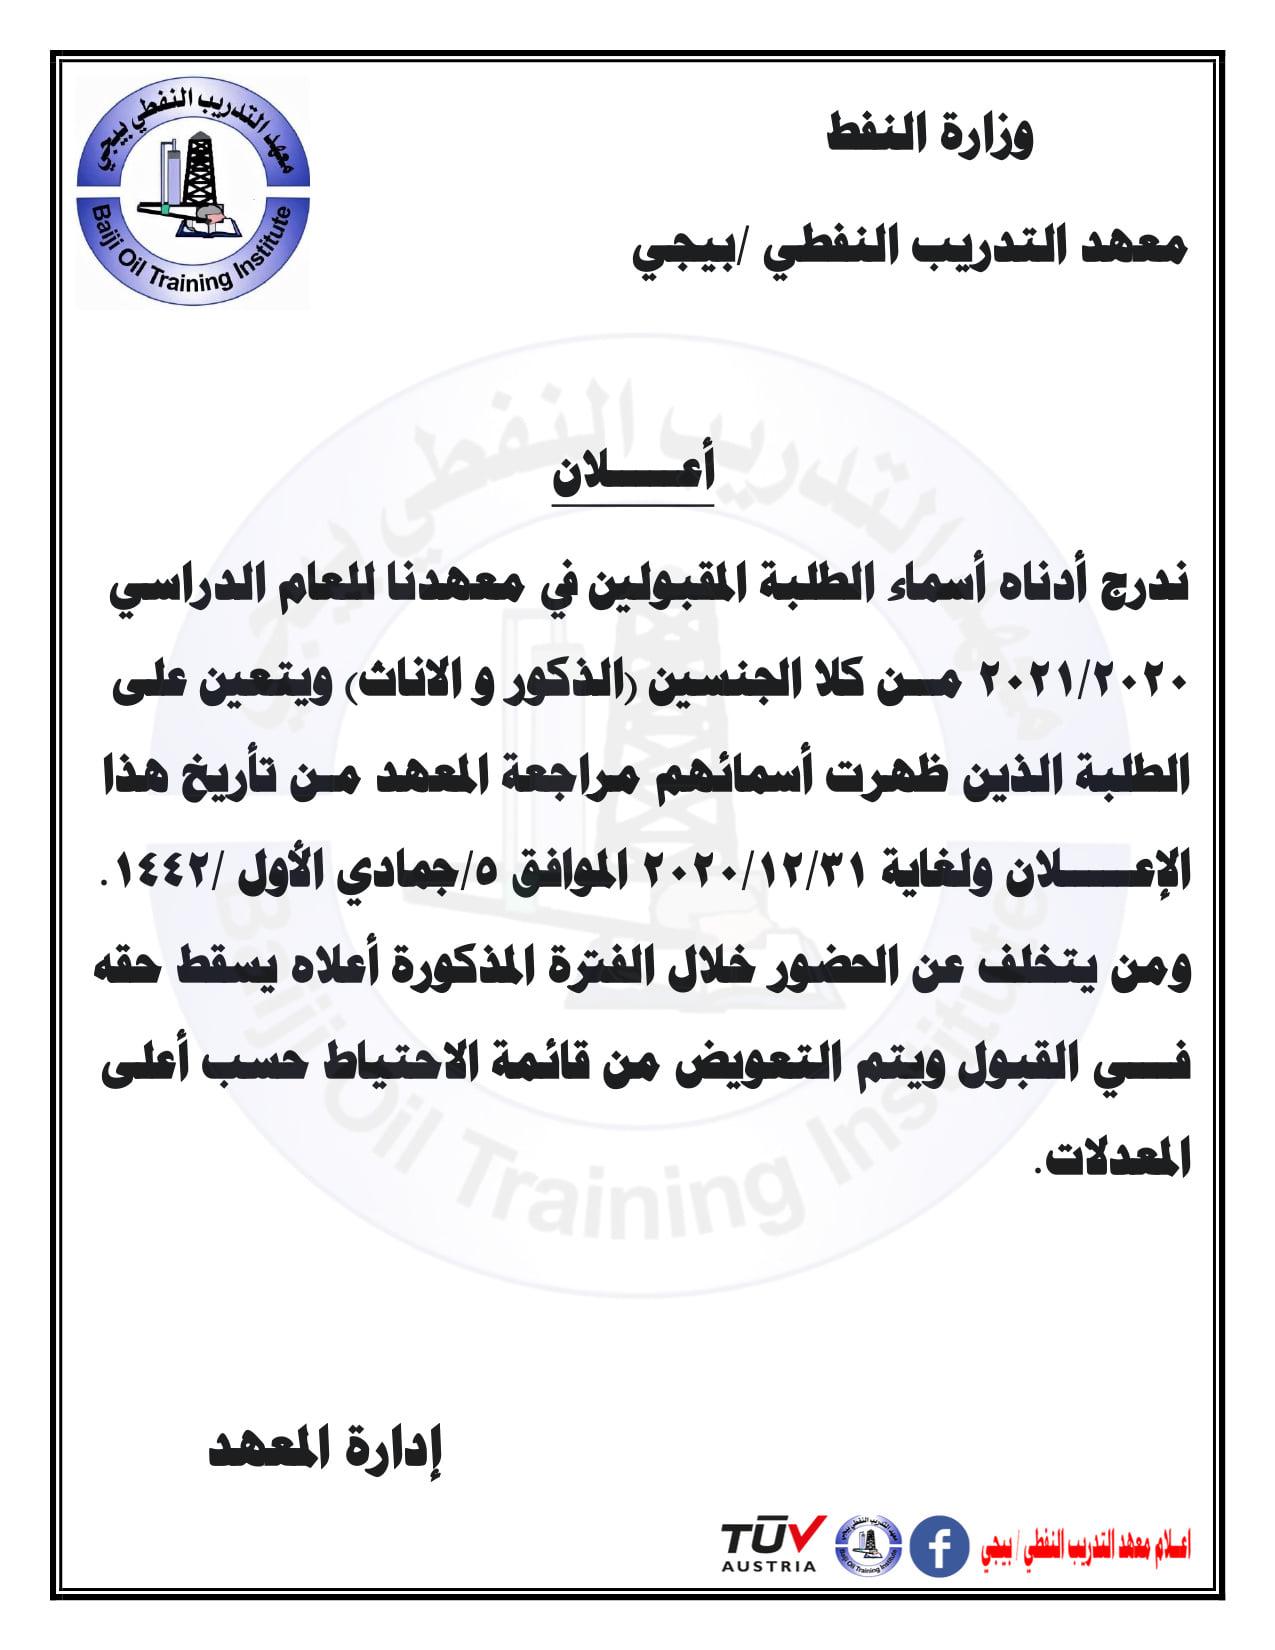 اسماء الطلبة المقبولين في معهد التدريب النفطي بيجي 2021-2020 للذكور والاناث 131944480_211410547188905_1800695969181437663_o